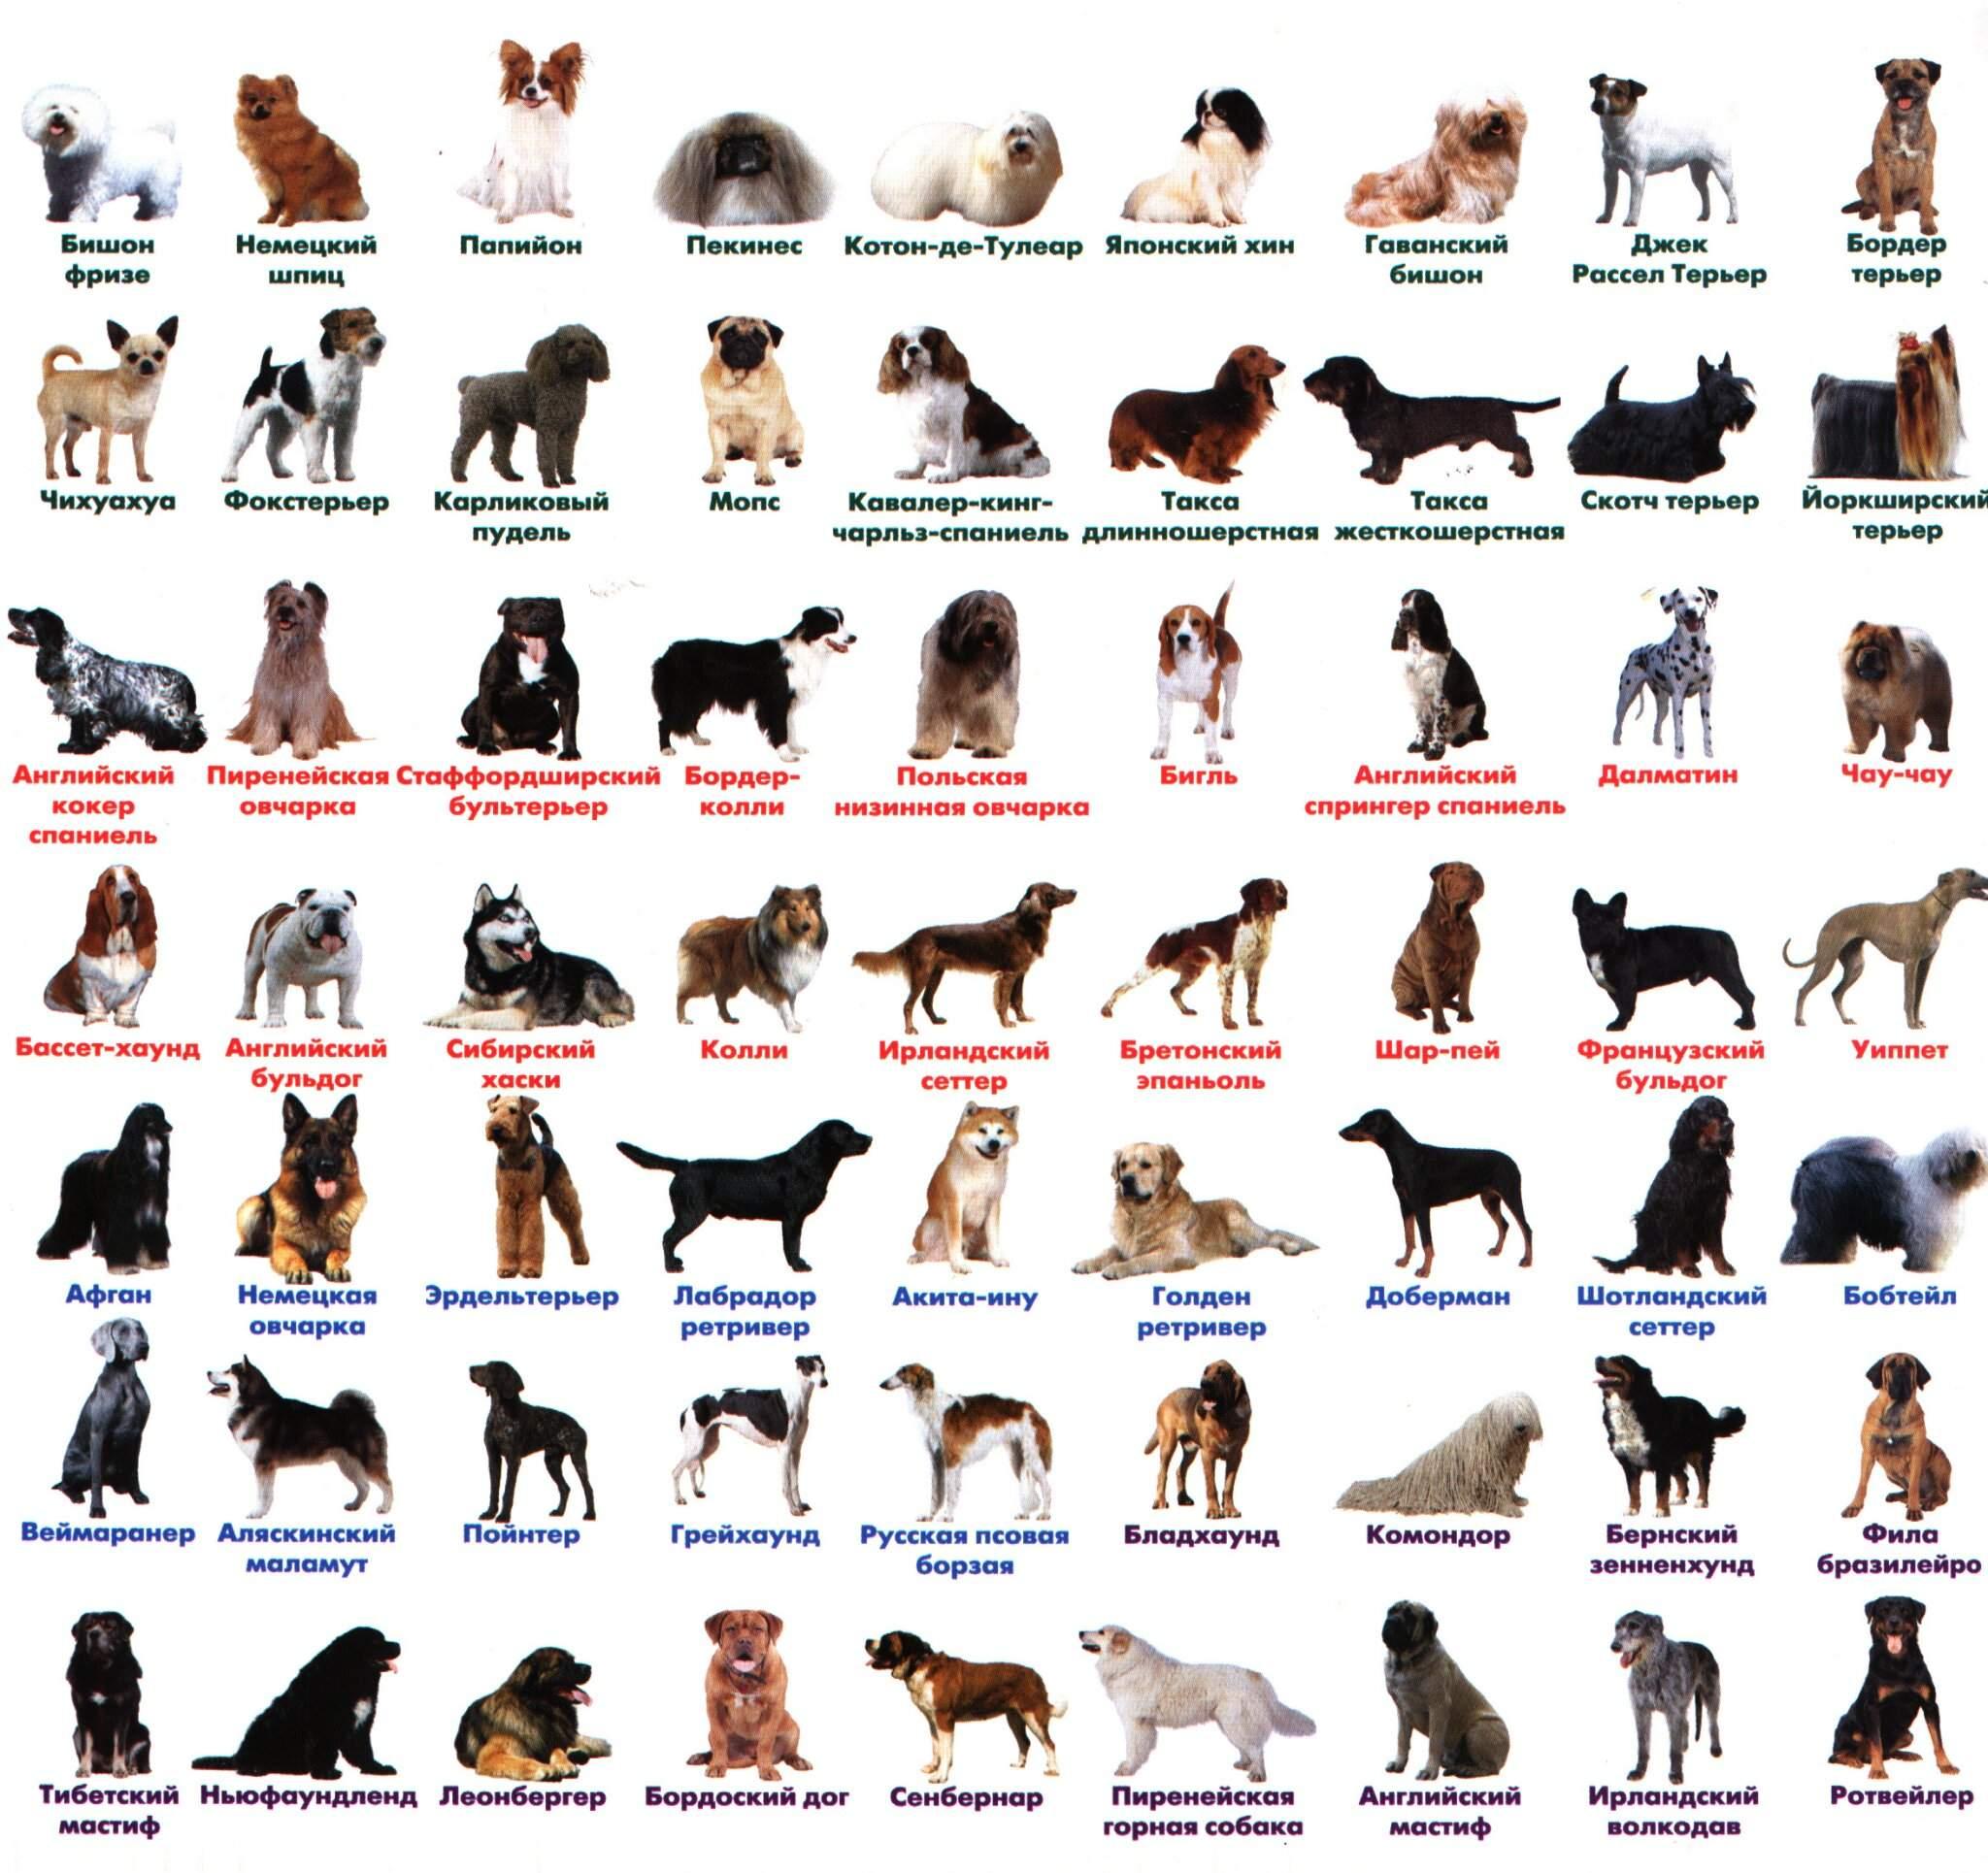 Сколько собак в мире. сколько пород собак существует в мире - wikihelpprostuda.ru